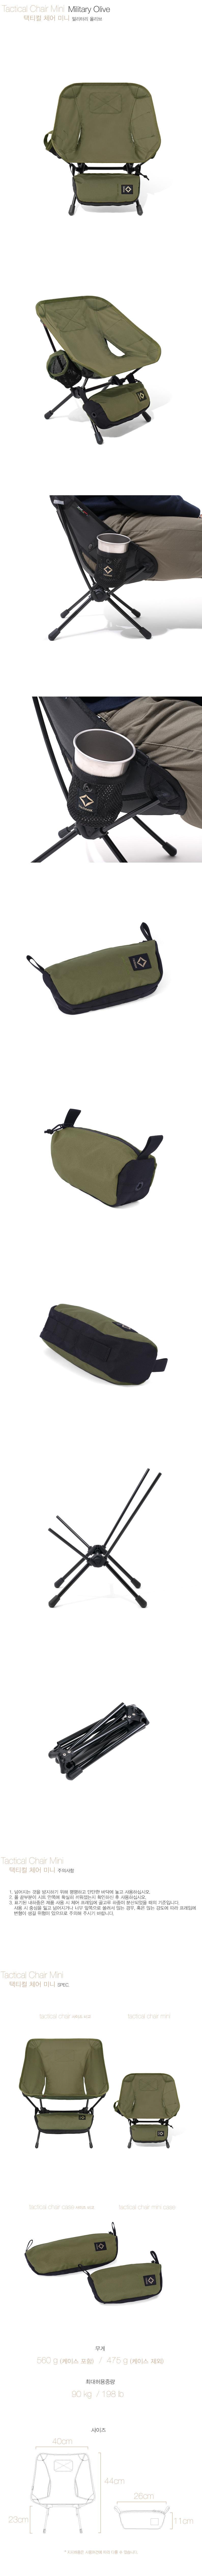 20170512-Tactical-chair-mini_military-olive.jpg